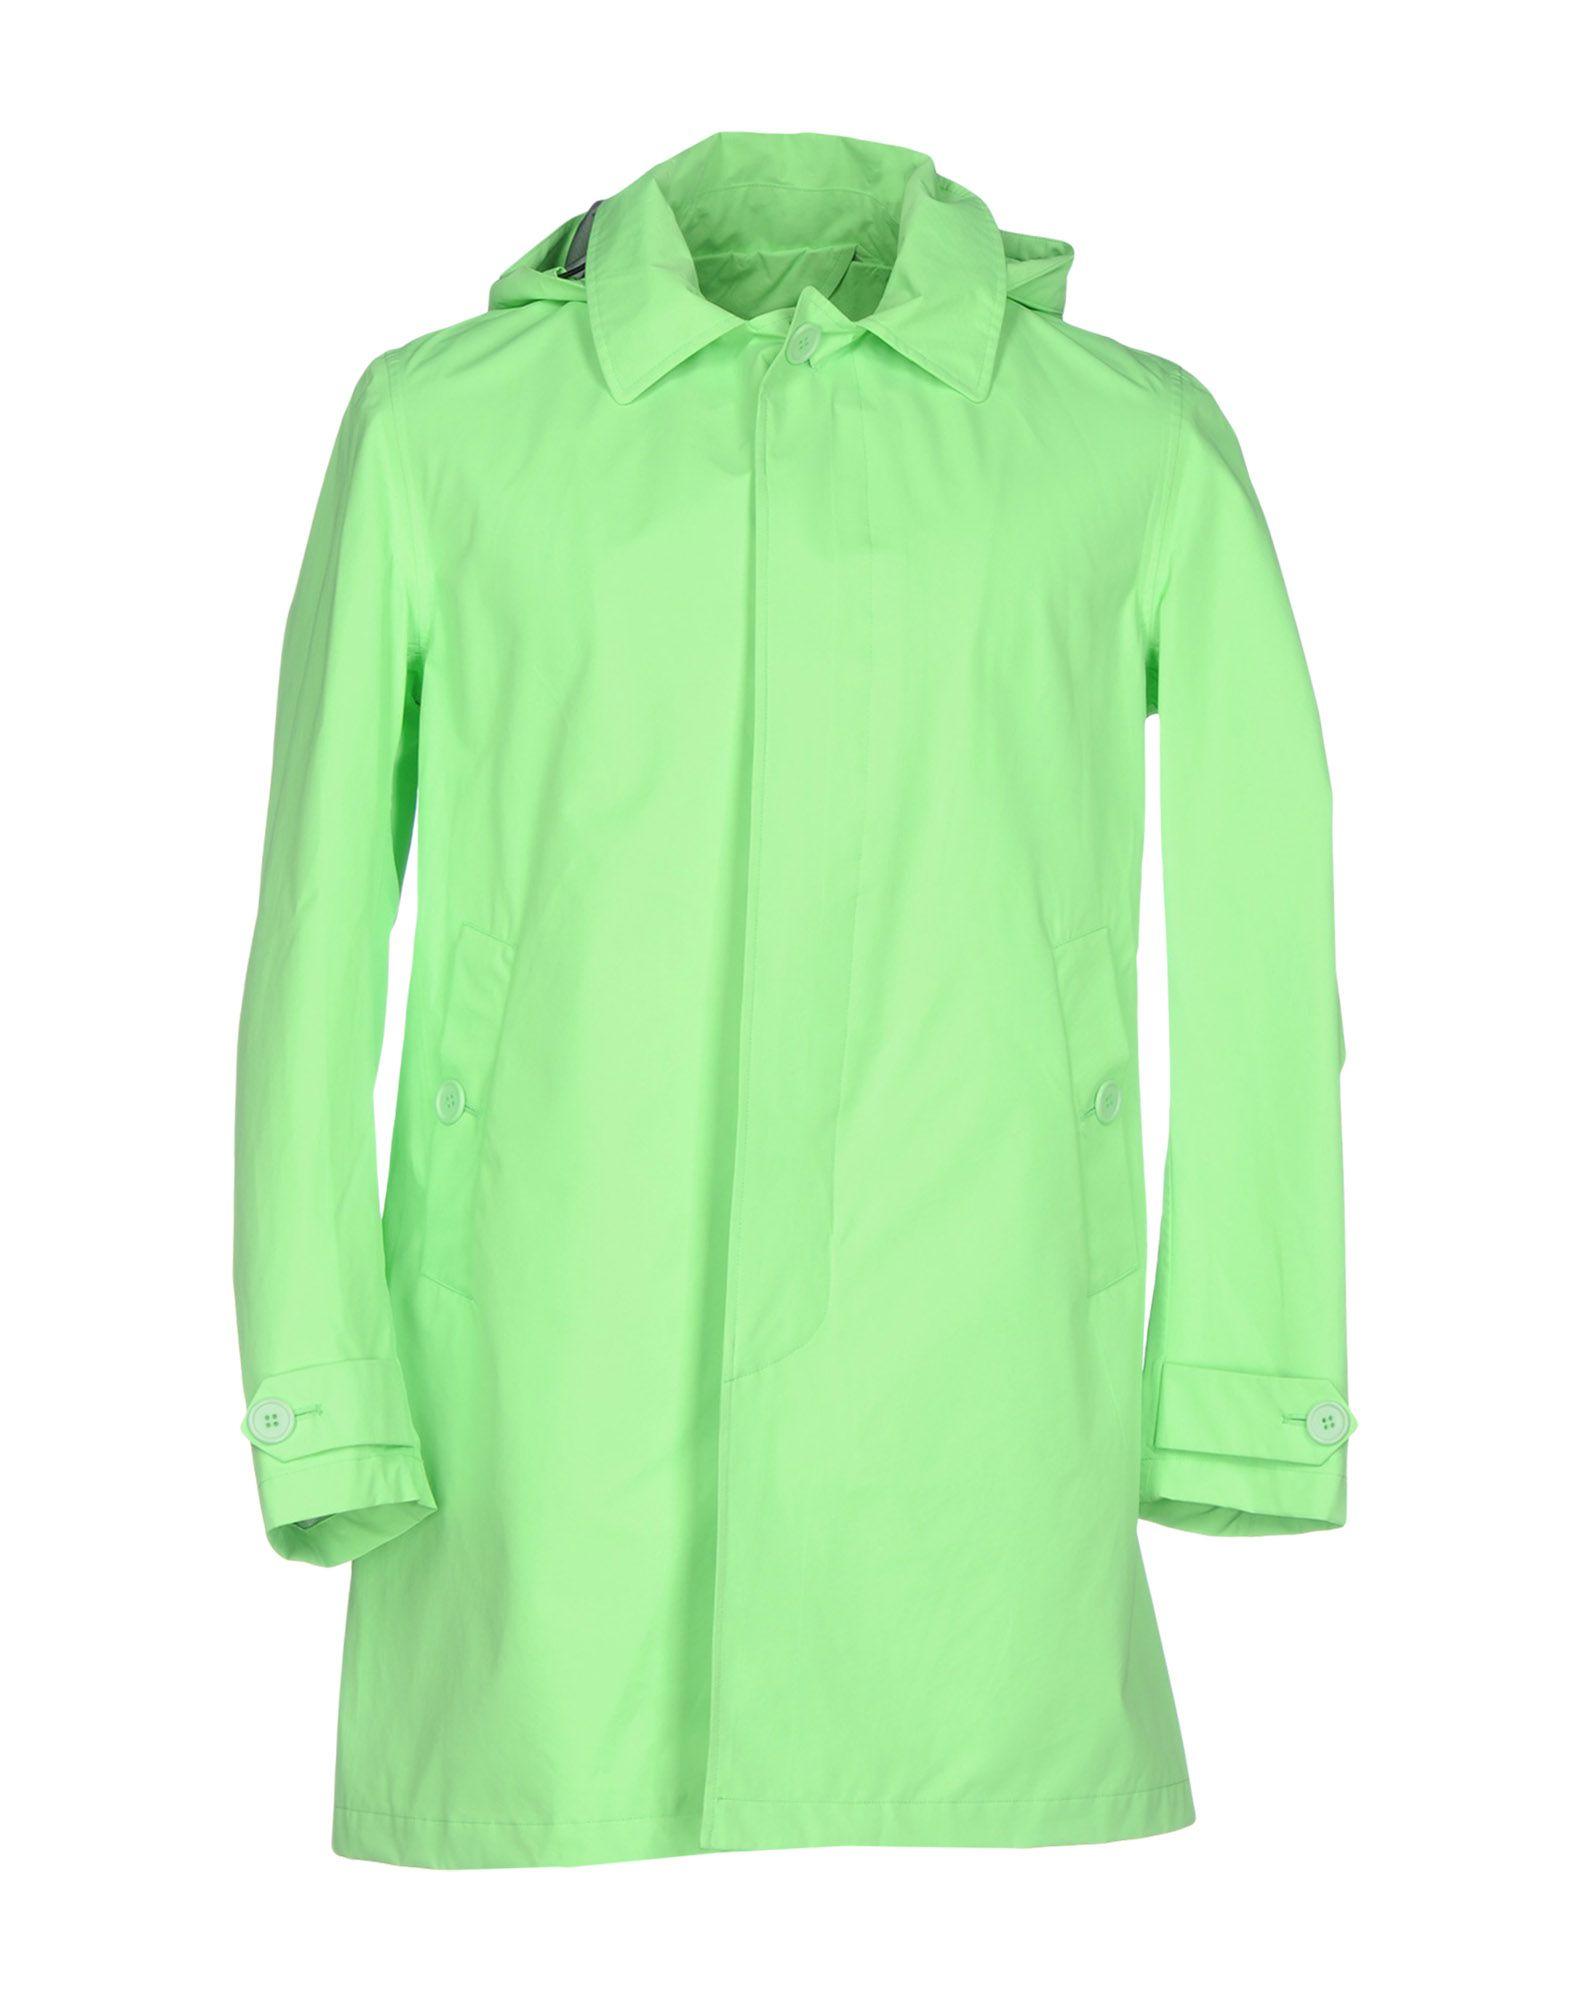 《送料無料》BPD BE PROUD OF THIS DRESS メンズ ライトコート ビタミングリーン M ポリエステル 100%